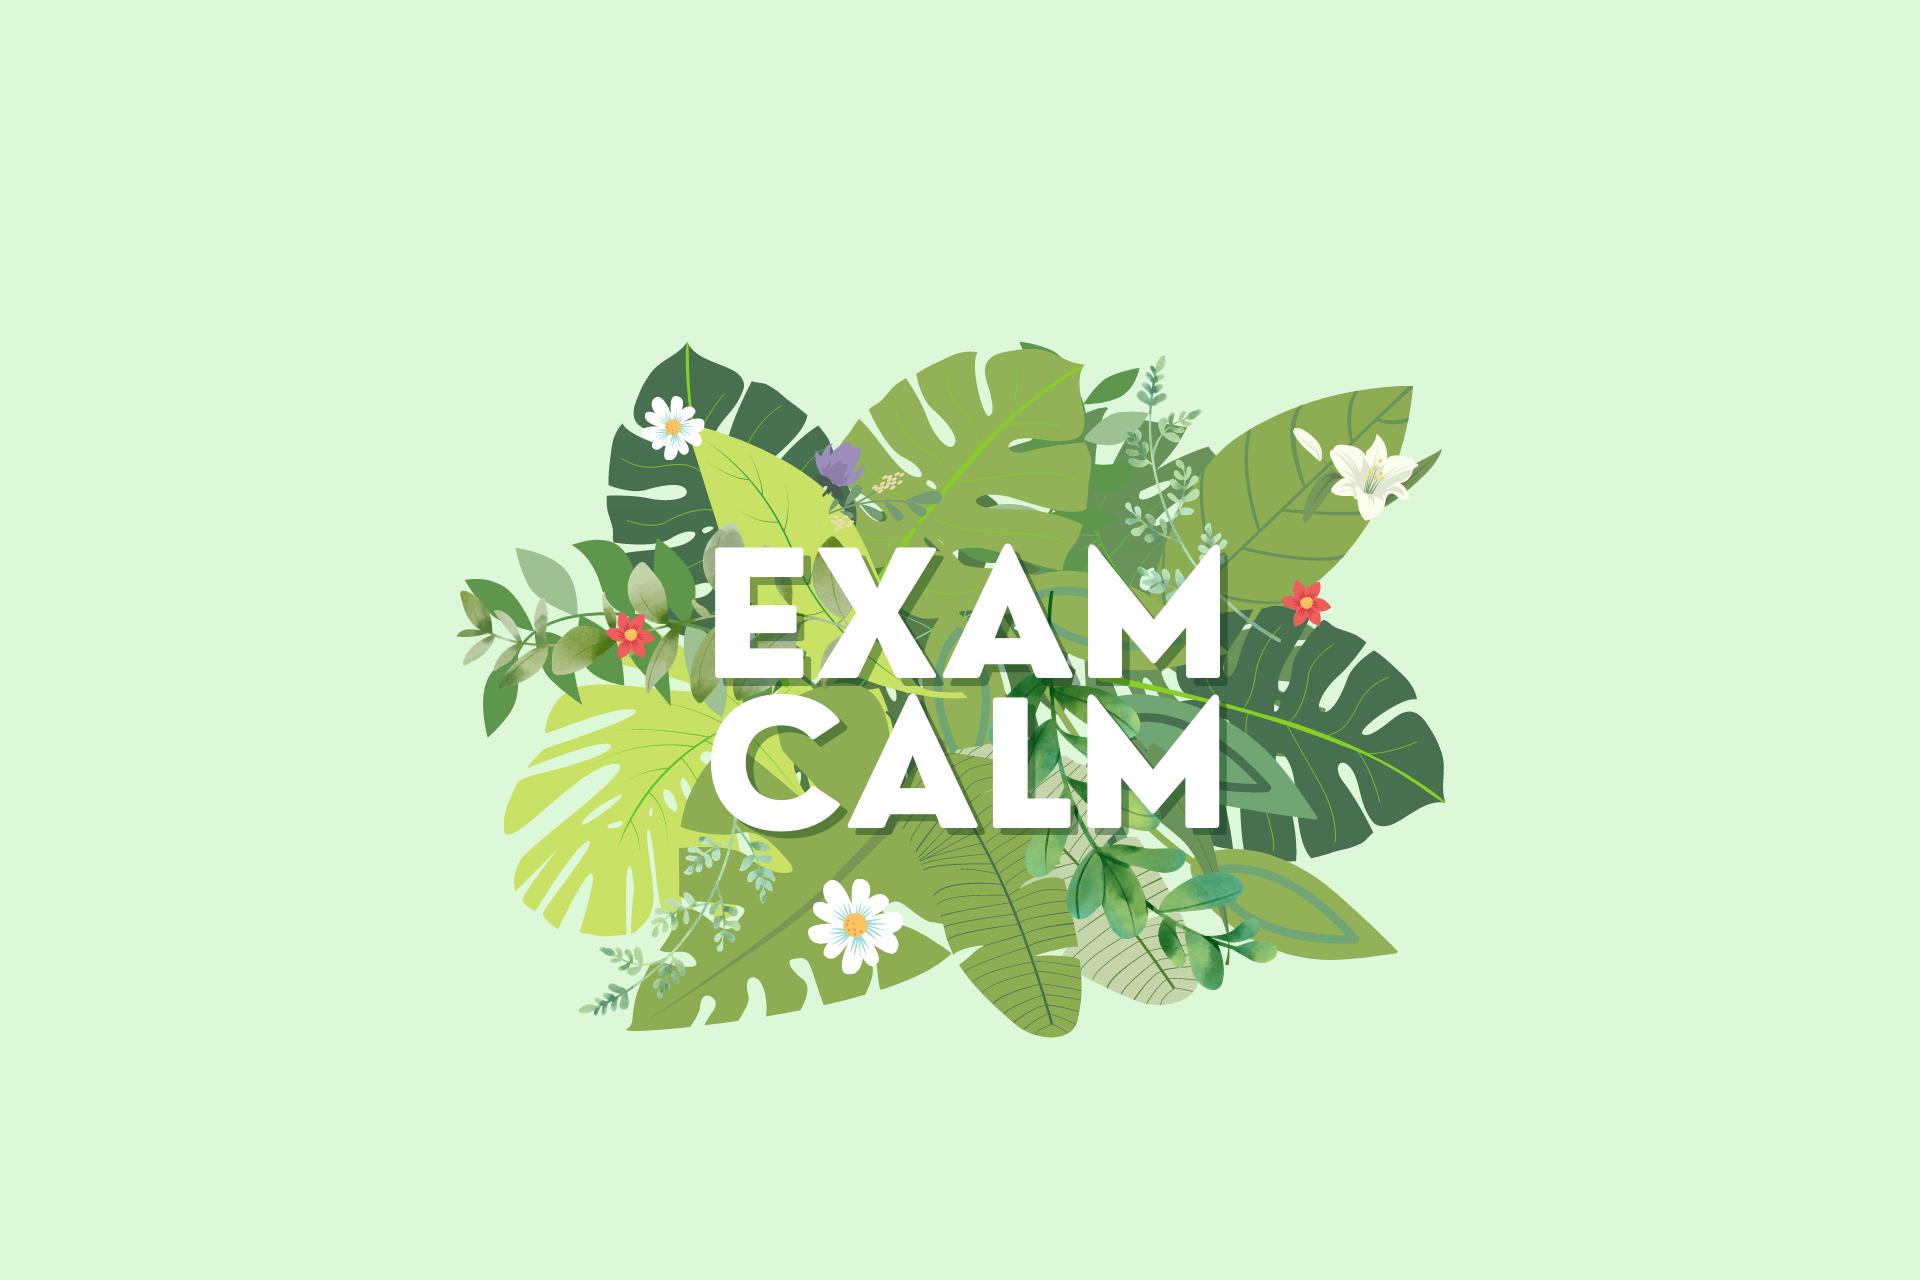 Exam Calm